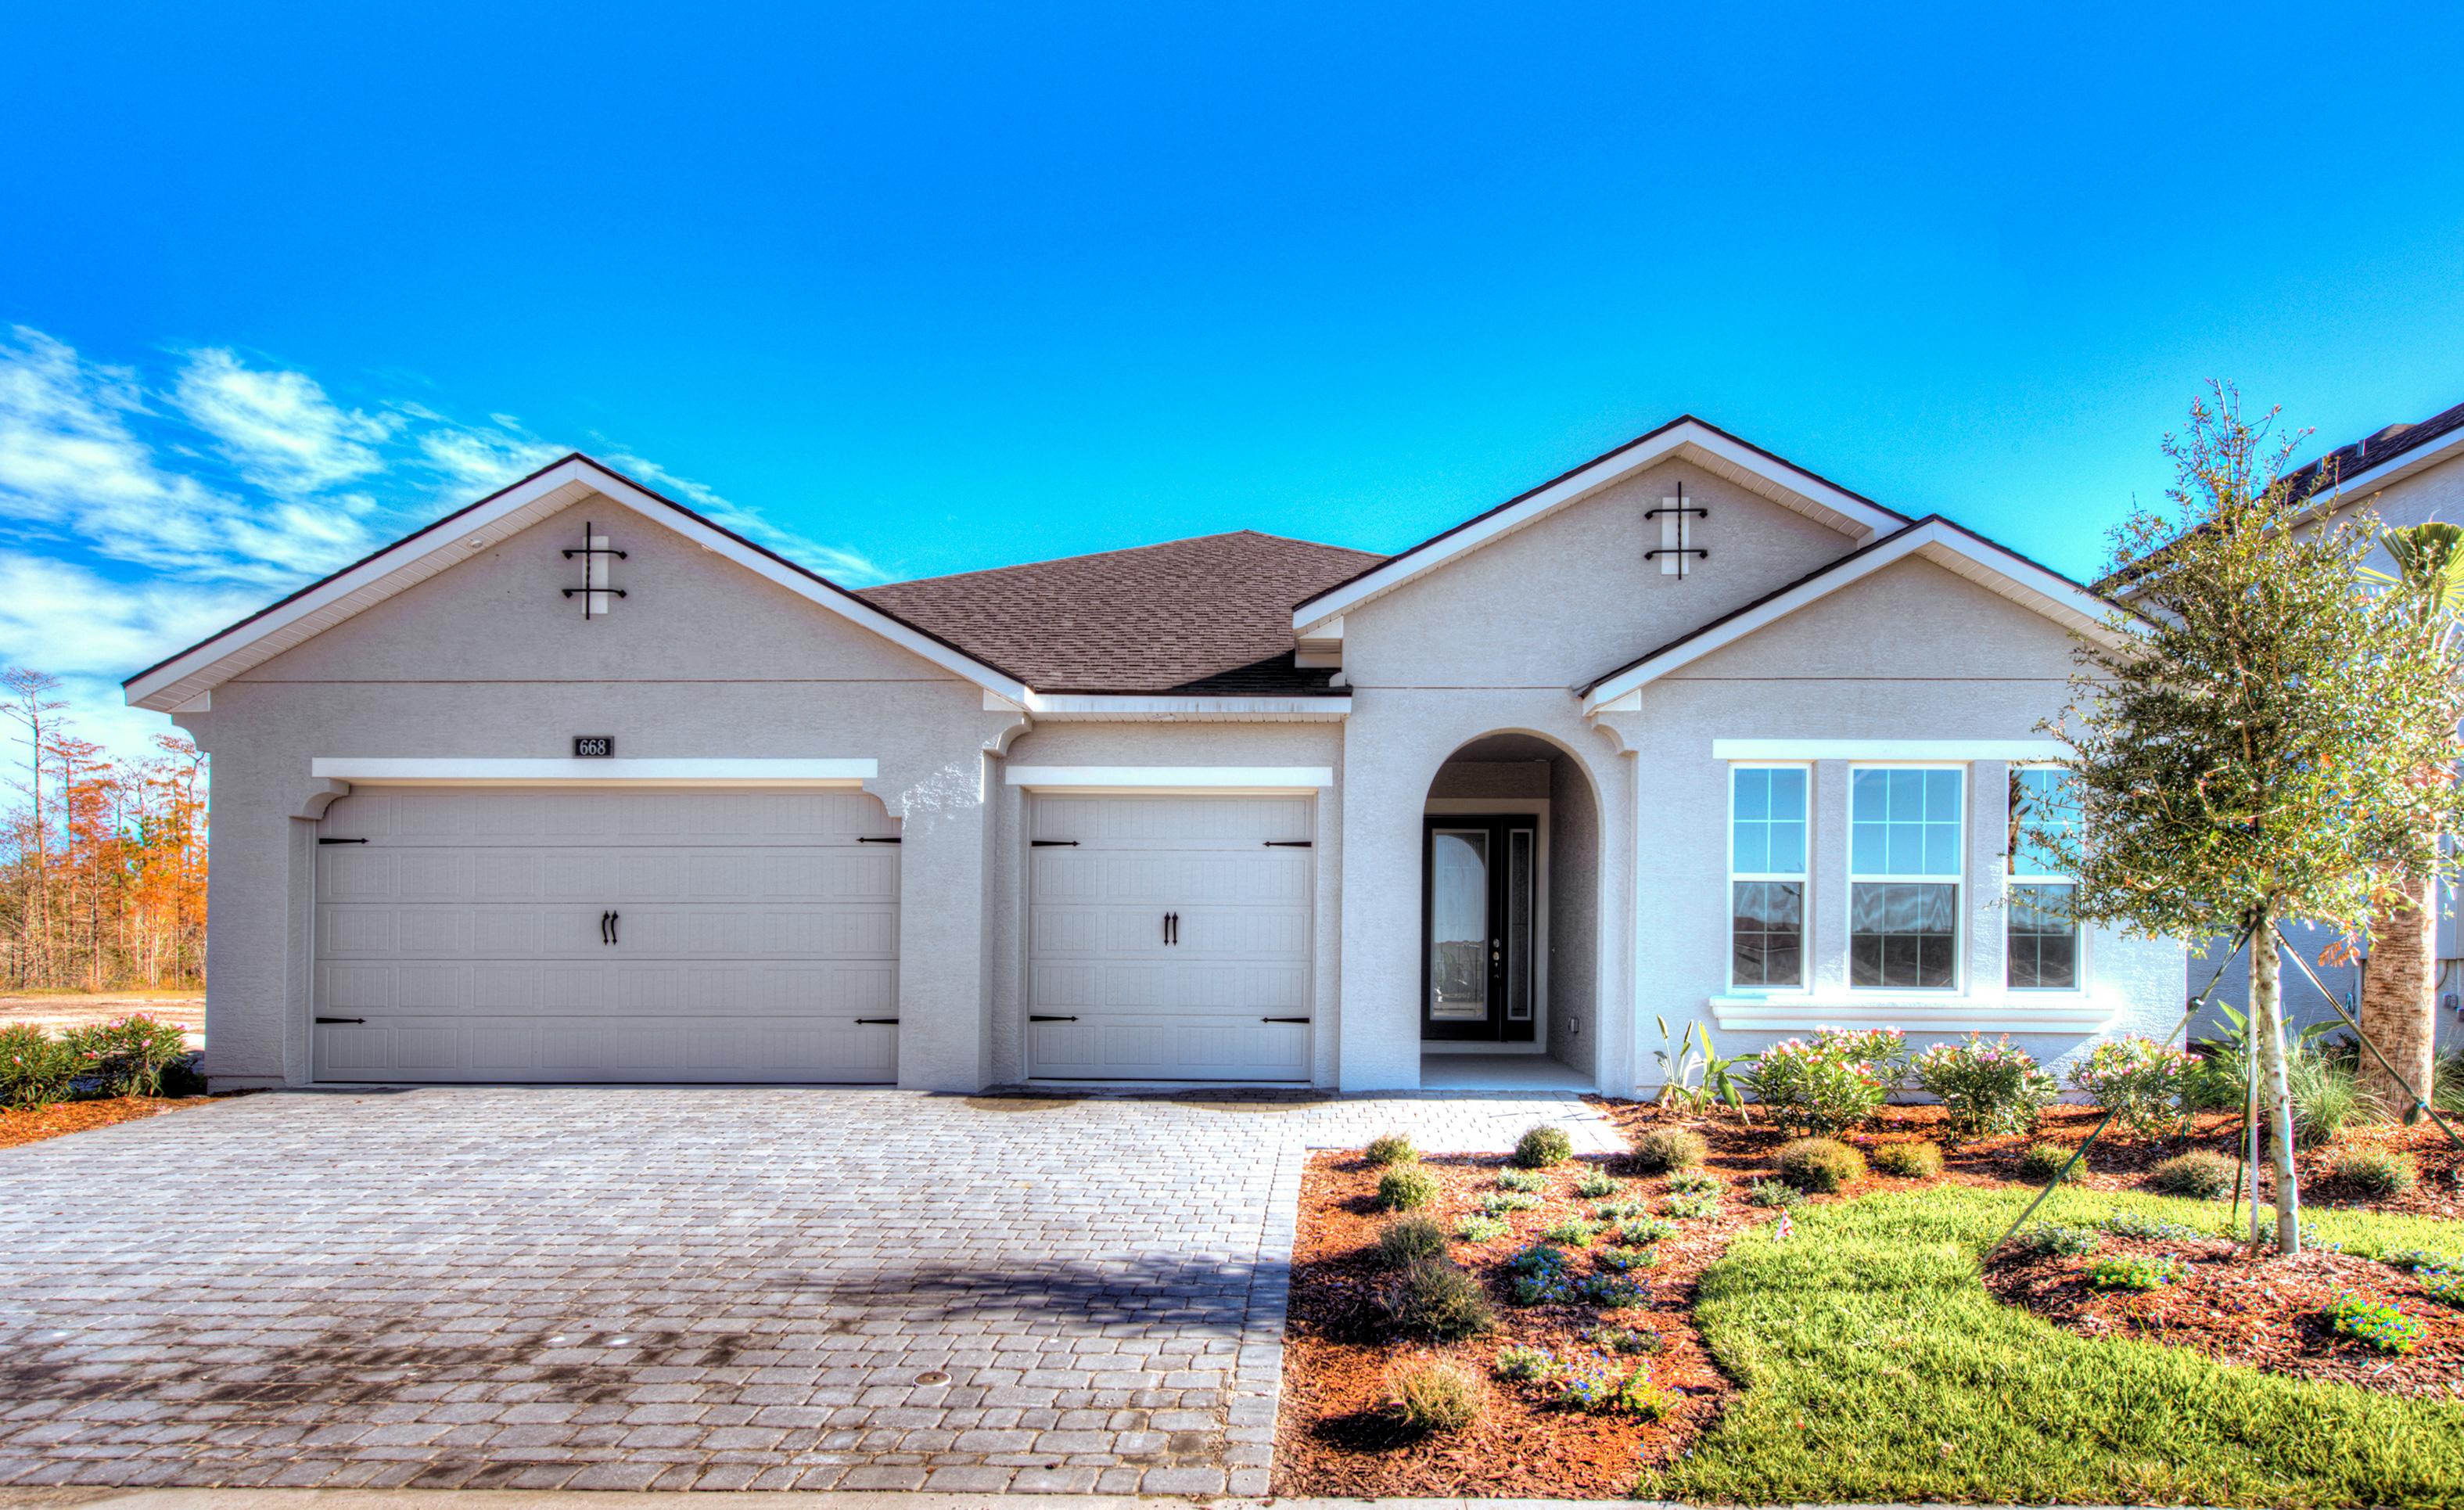 668 Mosaic Blvd. Daytona Beach, FL 32124